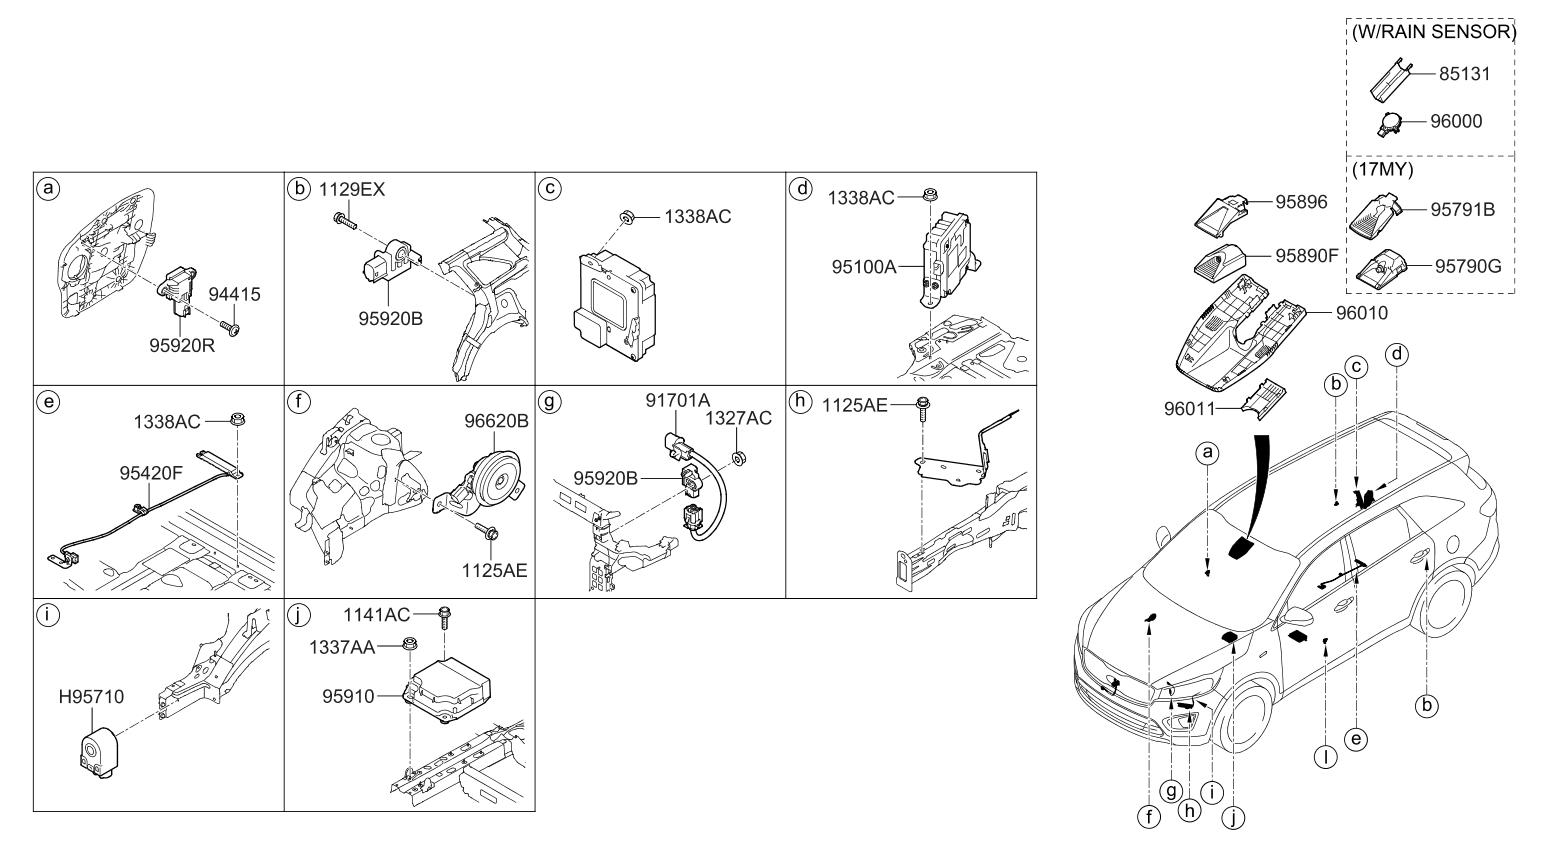 2015 Kia Sorento Relay & Module - Thumbnail 1